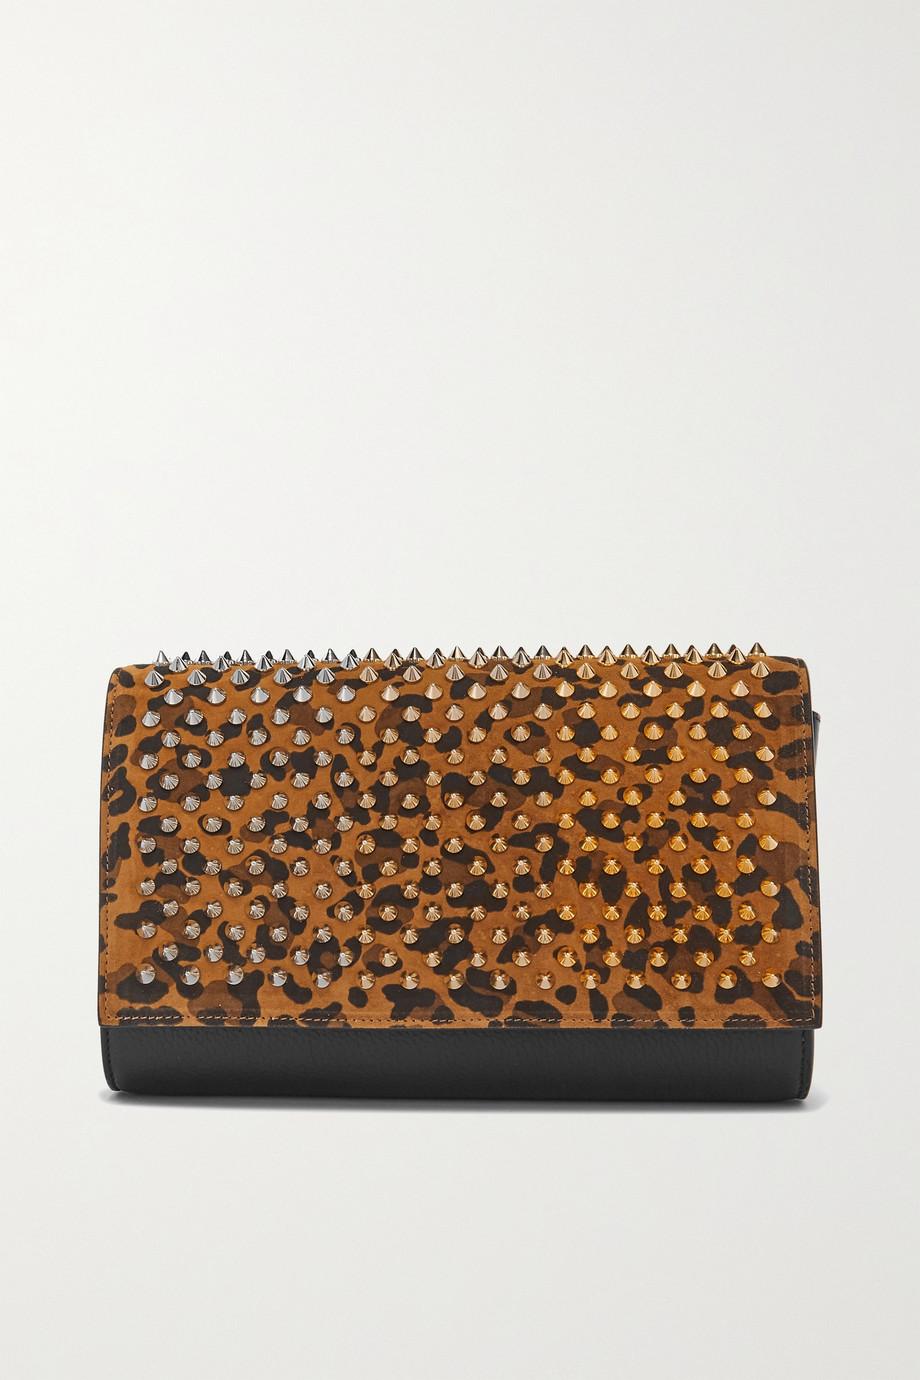 Christian Louboutin Paloma Clutch aus Leder und Veloursleder mit Leopardenprint und Stachelnieten